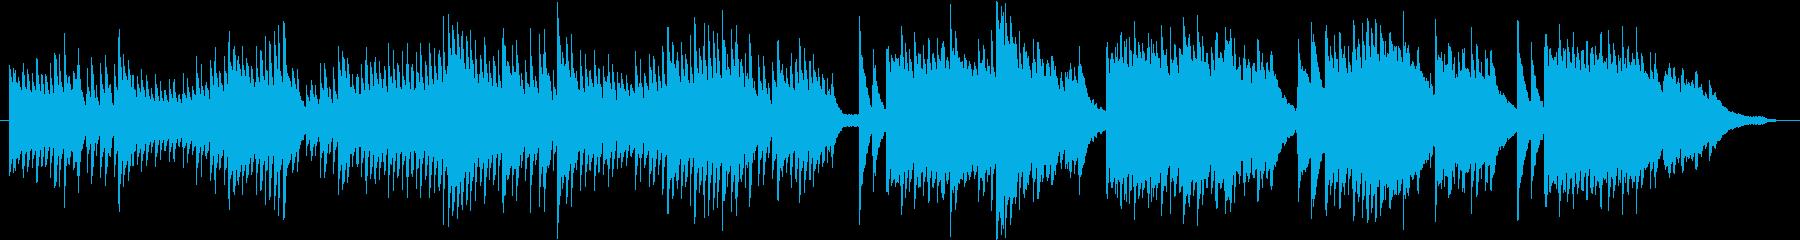 雨のイメージのピアノ03の再生済みの波形